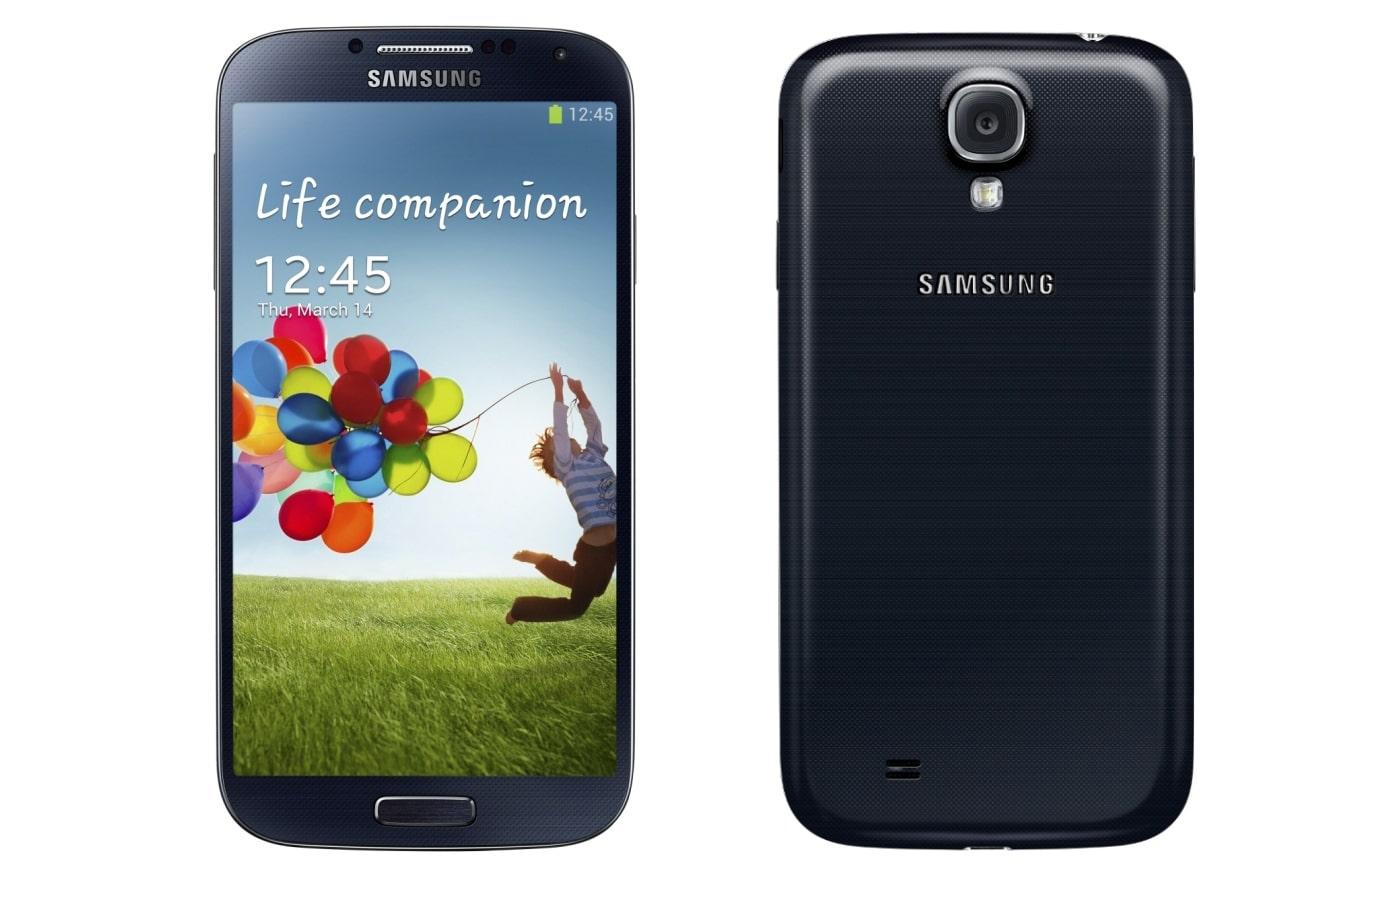 Samsung Galaxy S4 O2